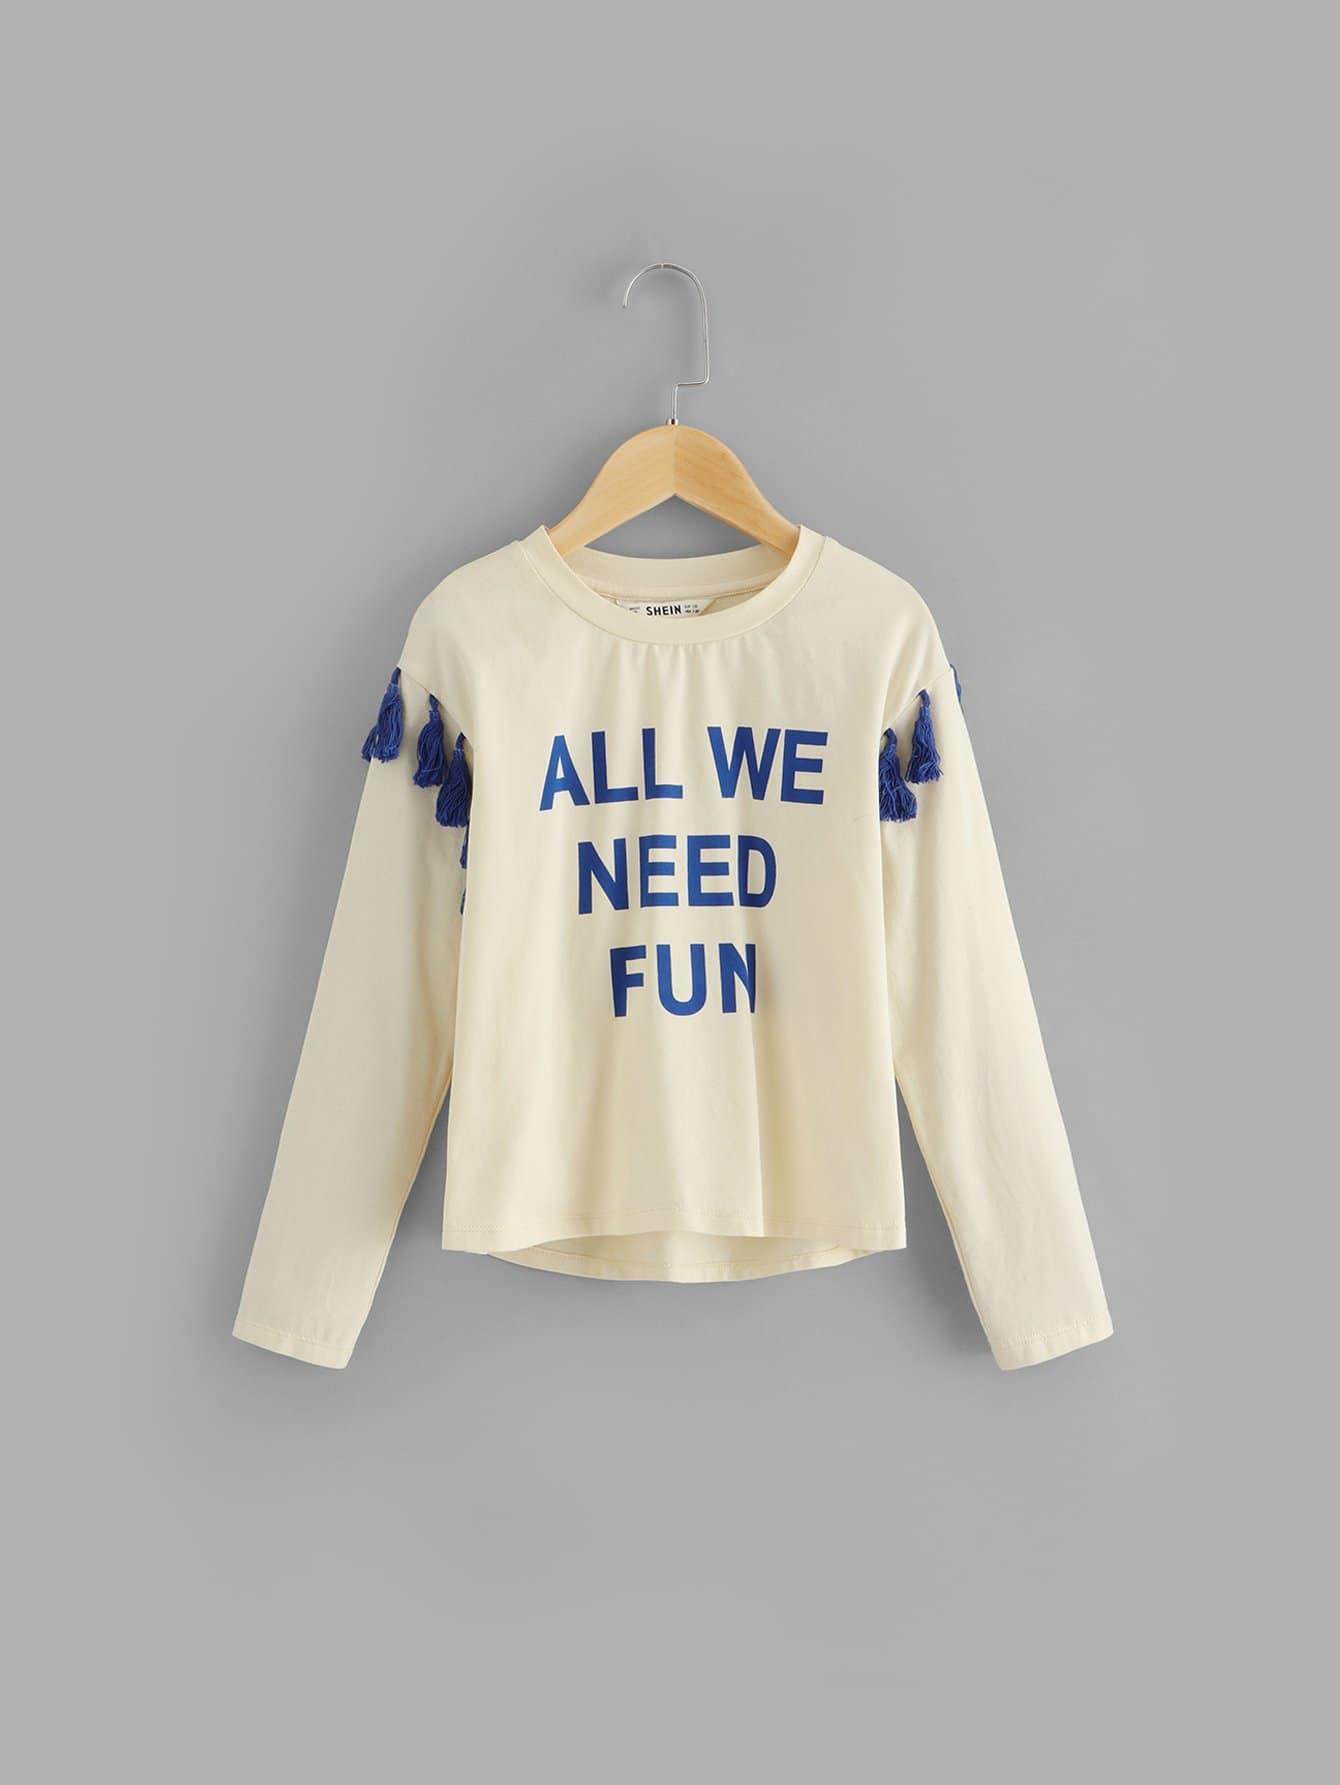 Купить Для девочек футболка с принтом букв с кисточками, null, SheIn